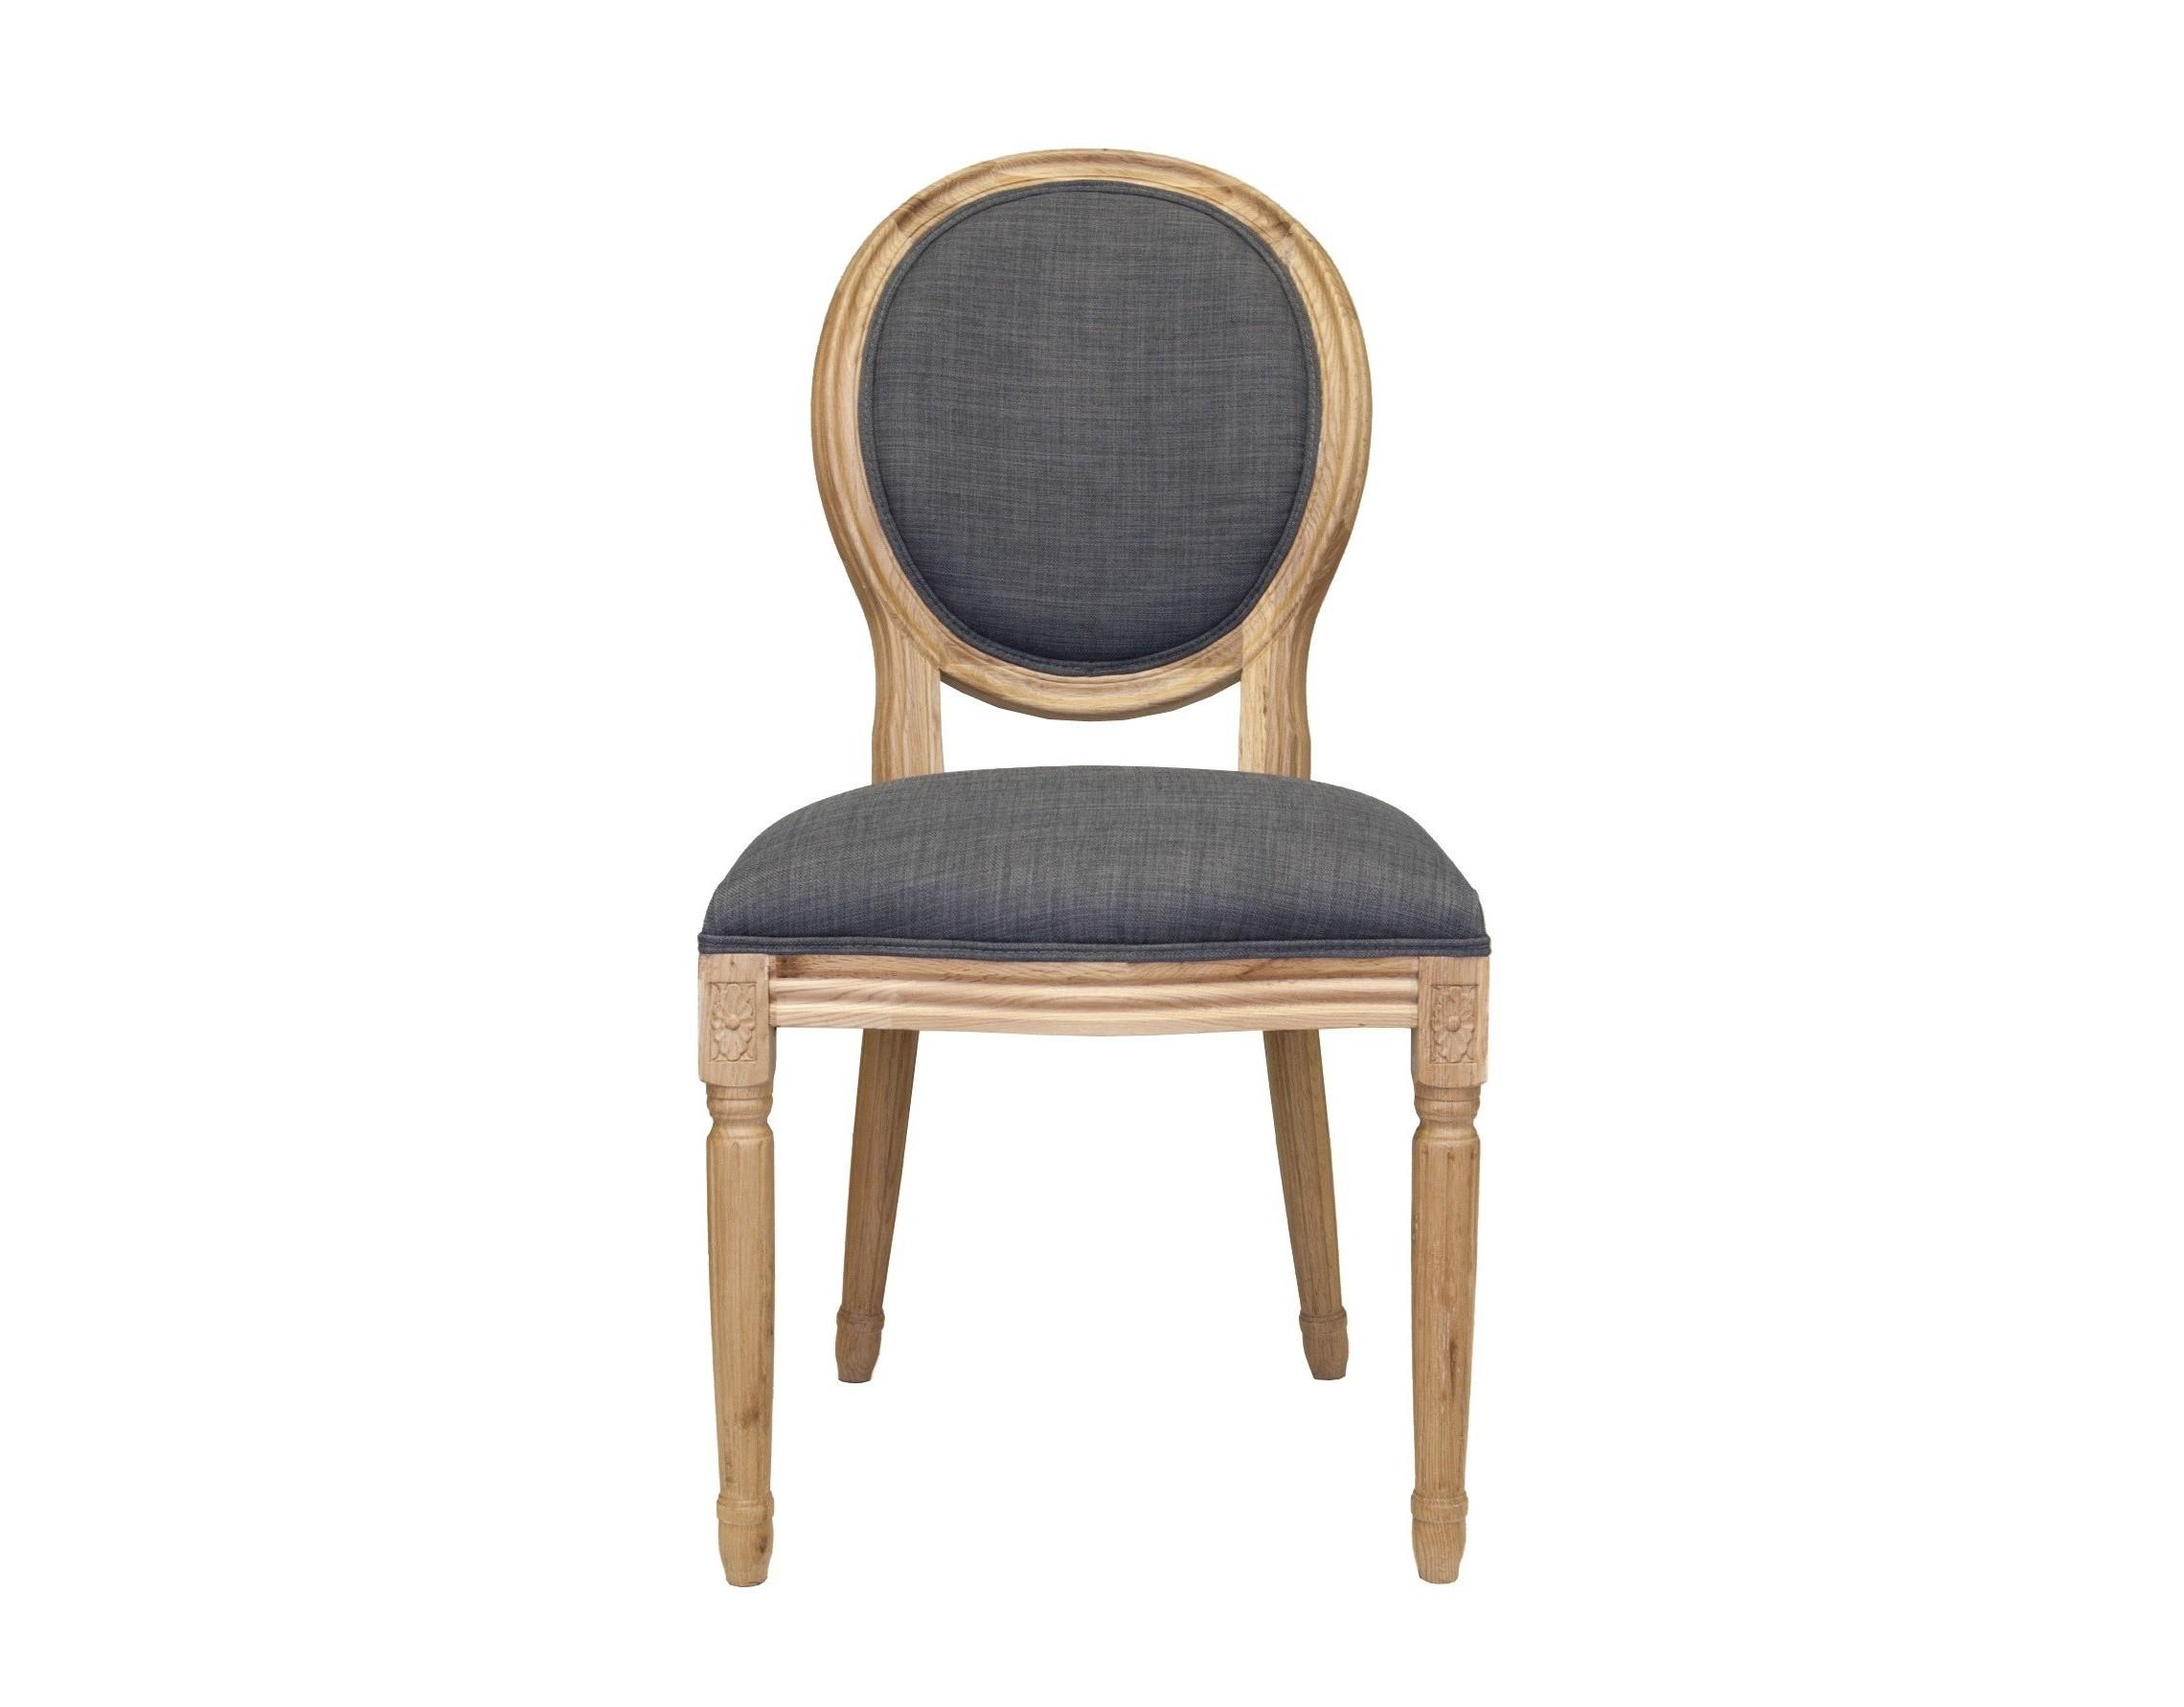 Стул MiroОбеденные стулья<br>Изысканный стул Miro с округлой спинкой напоминающей медальон, выполнен в элегантном классическом французском стиле. Основание модели выполнено из цельной породы древесины - массива дуба,искусственно состаренного.Такой стул эффектно смотрится как в контрастной, так и в однотонной обстановке.&amp;amp;nbsp;<br><br>Material: Дуб<br>Ширина см: 50<br>Высота см: 98<br>Глубина см: 56